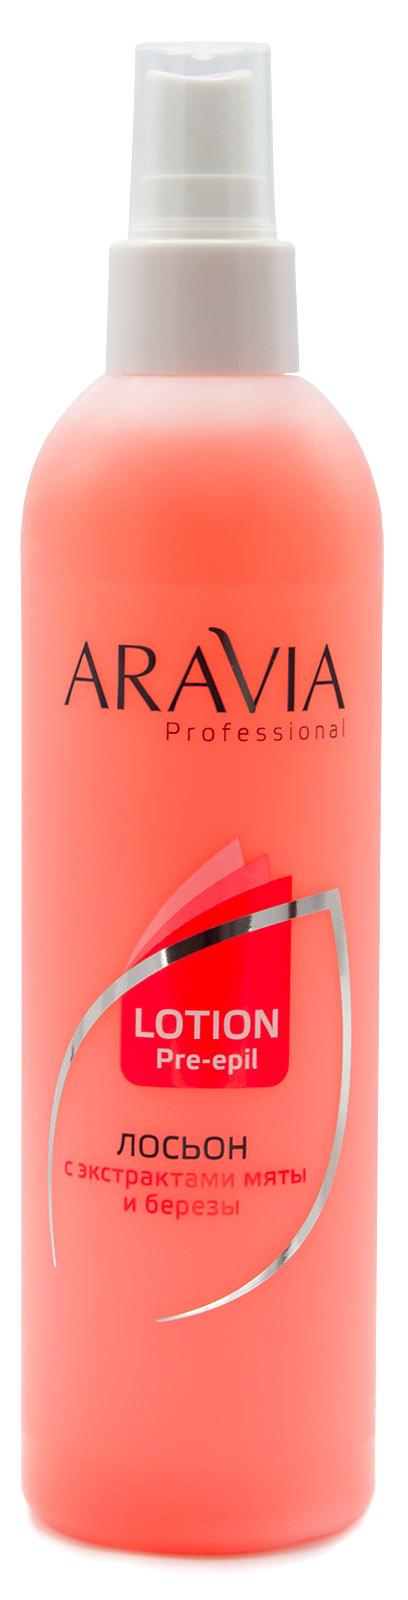 Купить Aravia Professional Лосьон для подготовки кожи перед депиляцией с экстрактами мяты и березы, 300 мл (Aravia Professional, Spa Депиляция), Россия